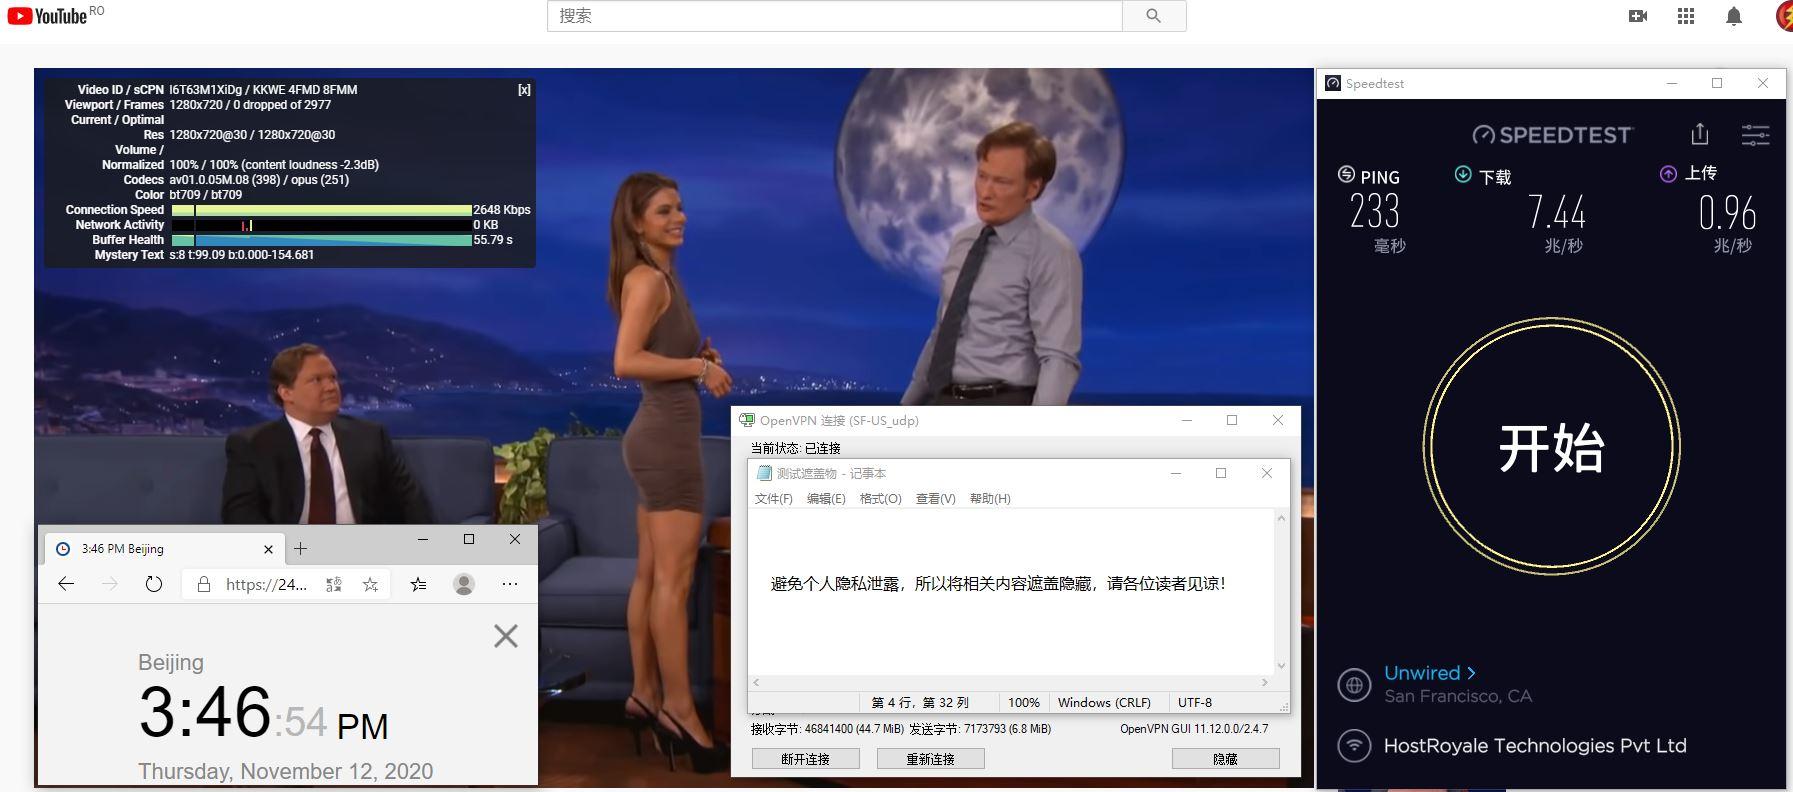 Windows10 SurfsharkVPN OpenVPN Gui US 服务器 中国VPN 翻墙 科学上网 测试 - 20201112